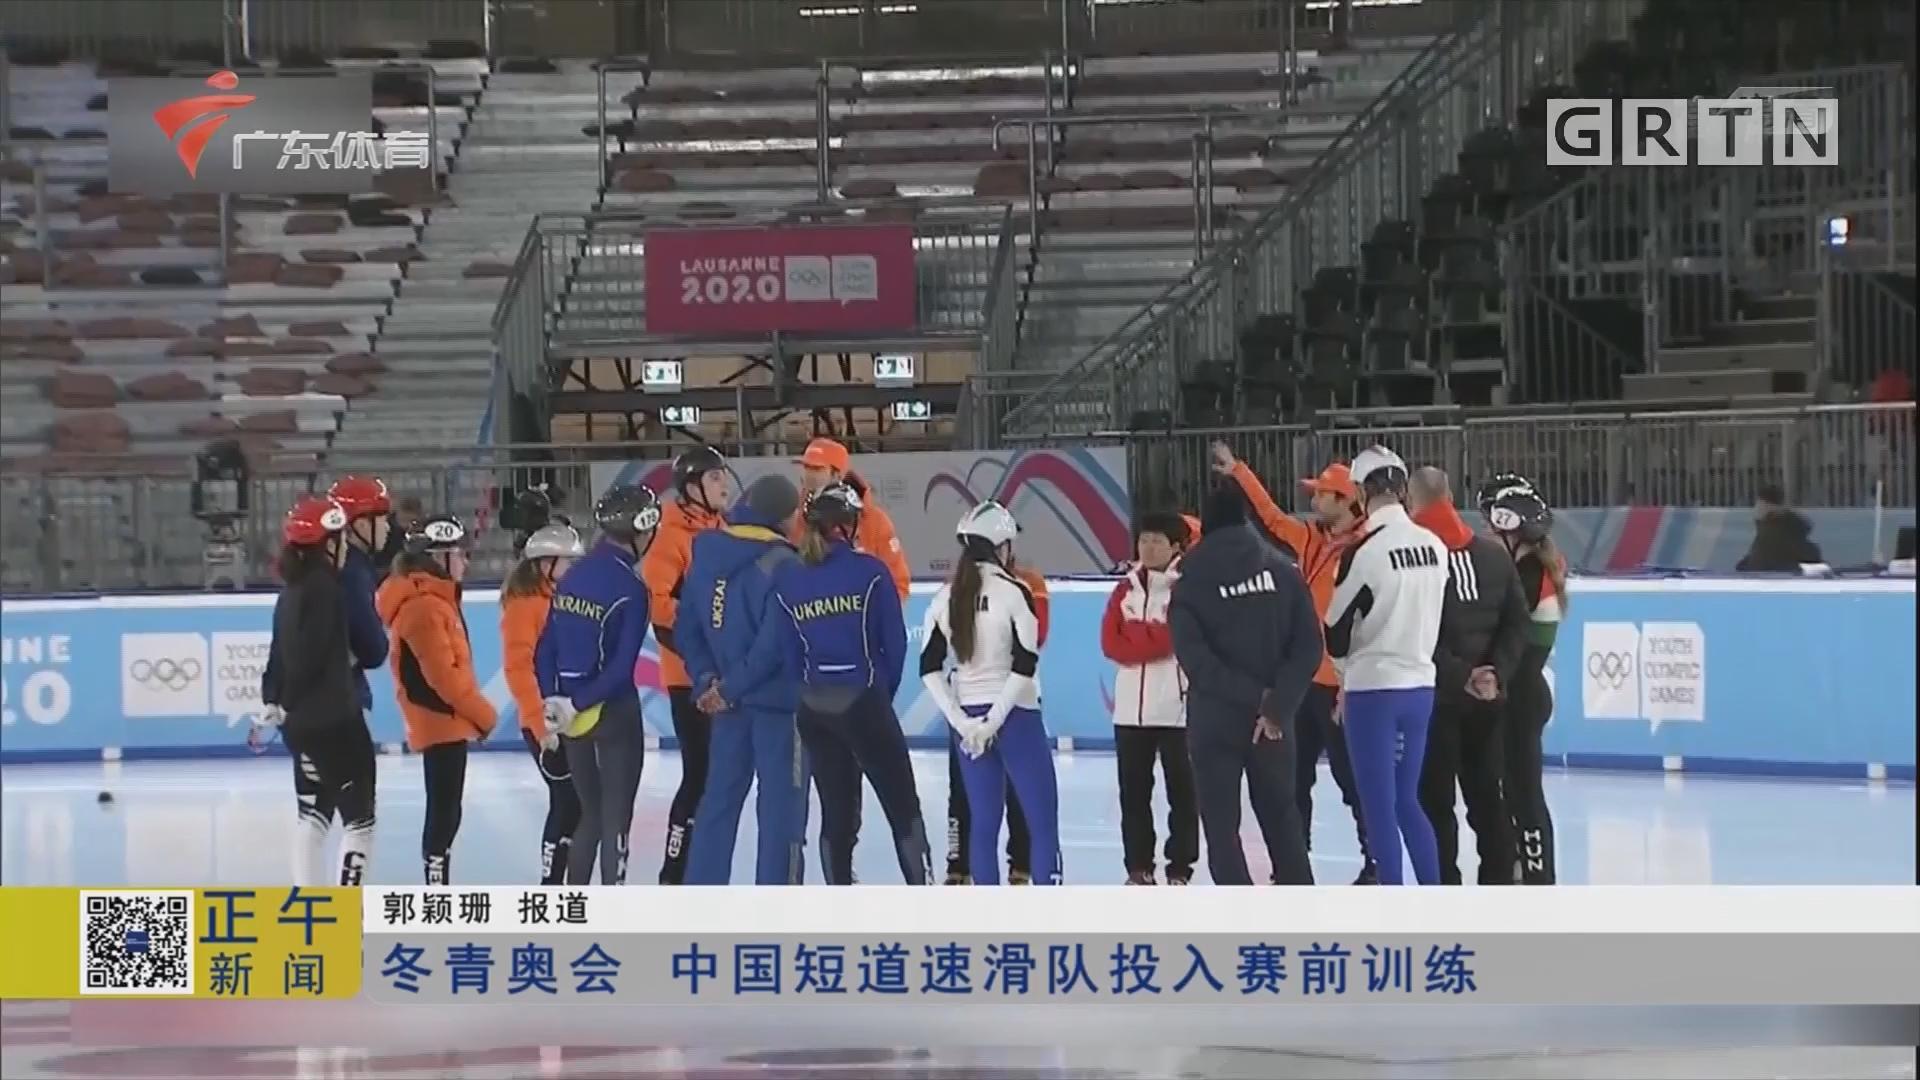 冬青奥会 中国短道速滑队投入赛前训练